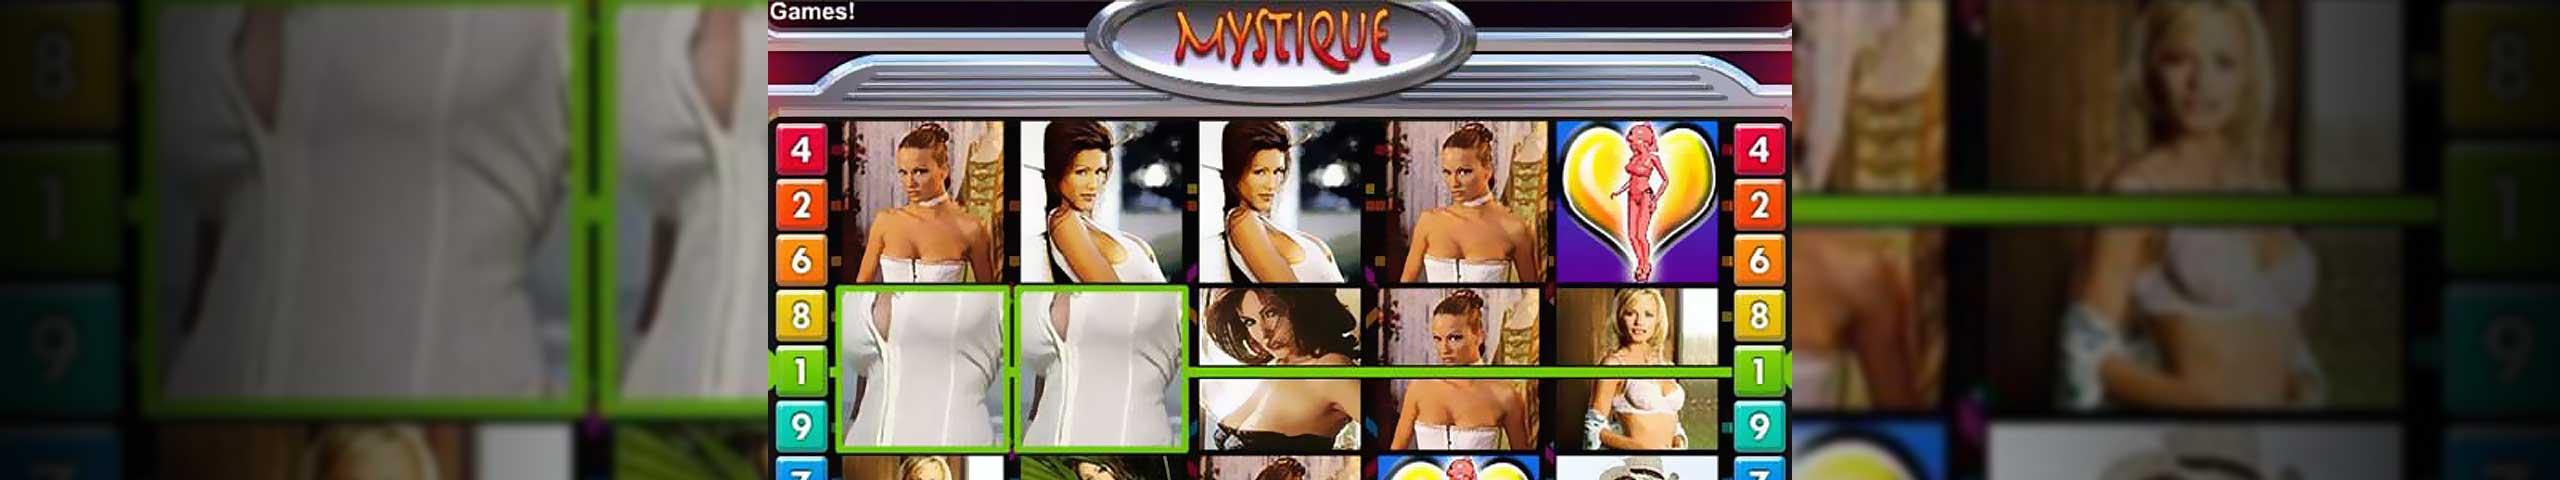 Norske spilleautomater Mystique Club, Cryptologic Slider - Himmelspill.com